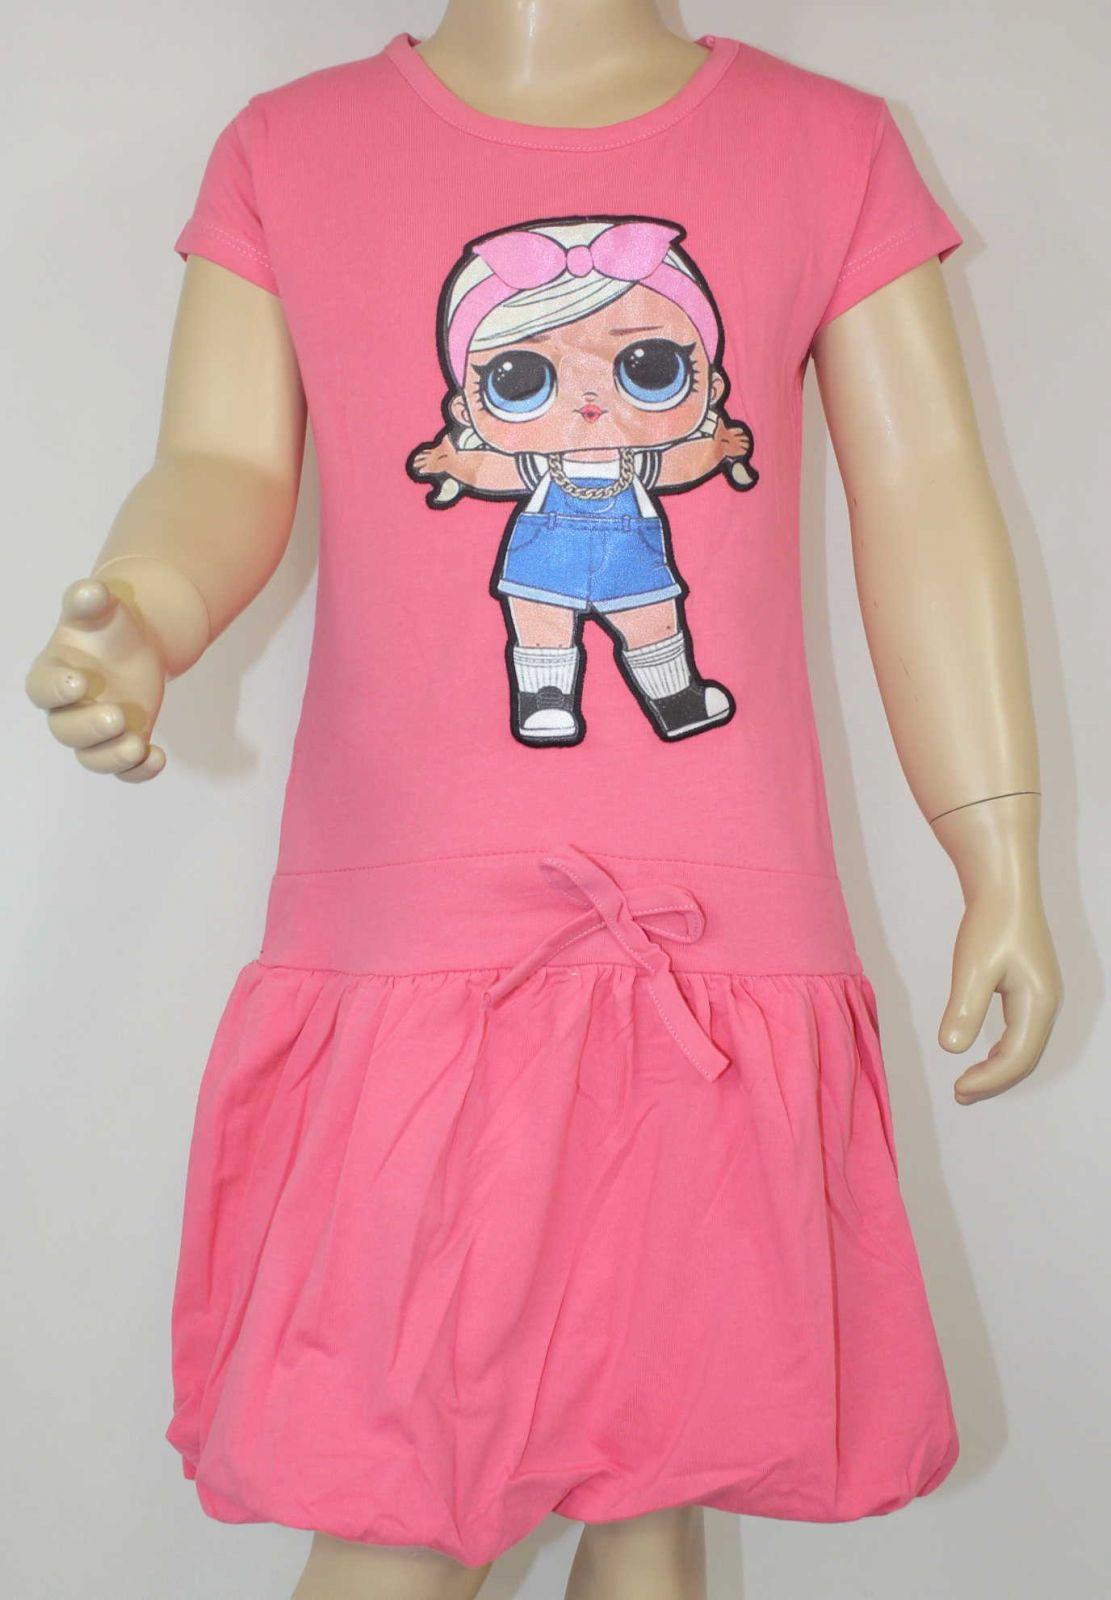 dětské šaty s panenkou LOL, dívčí šaty s LOLKOU, LOL šaty, bavlněné šaty s panenkou LOL Tuzzy